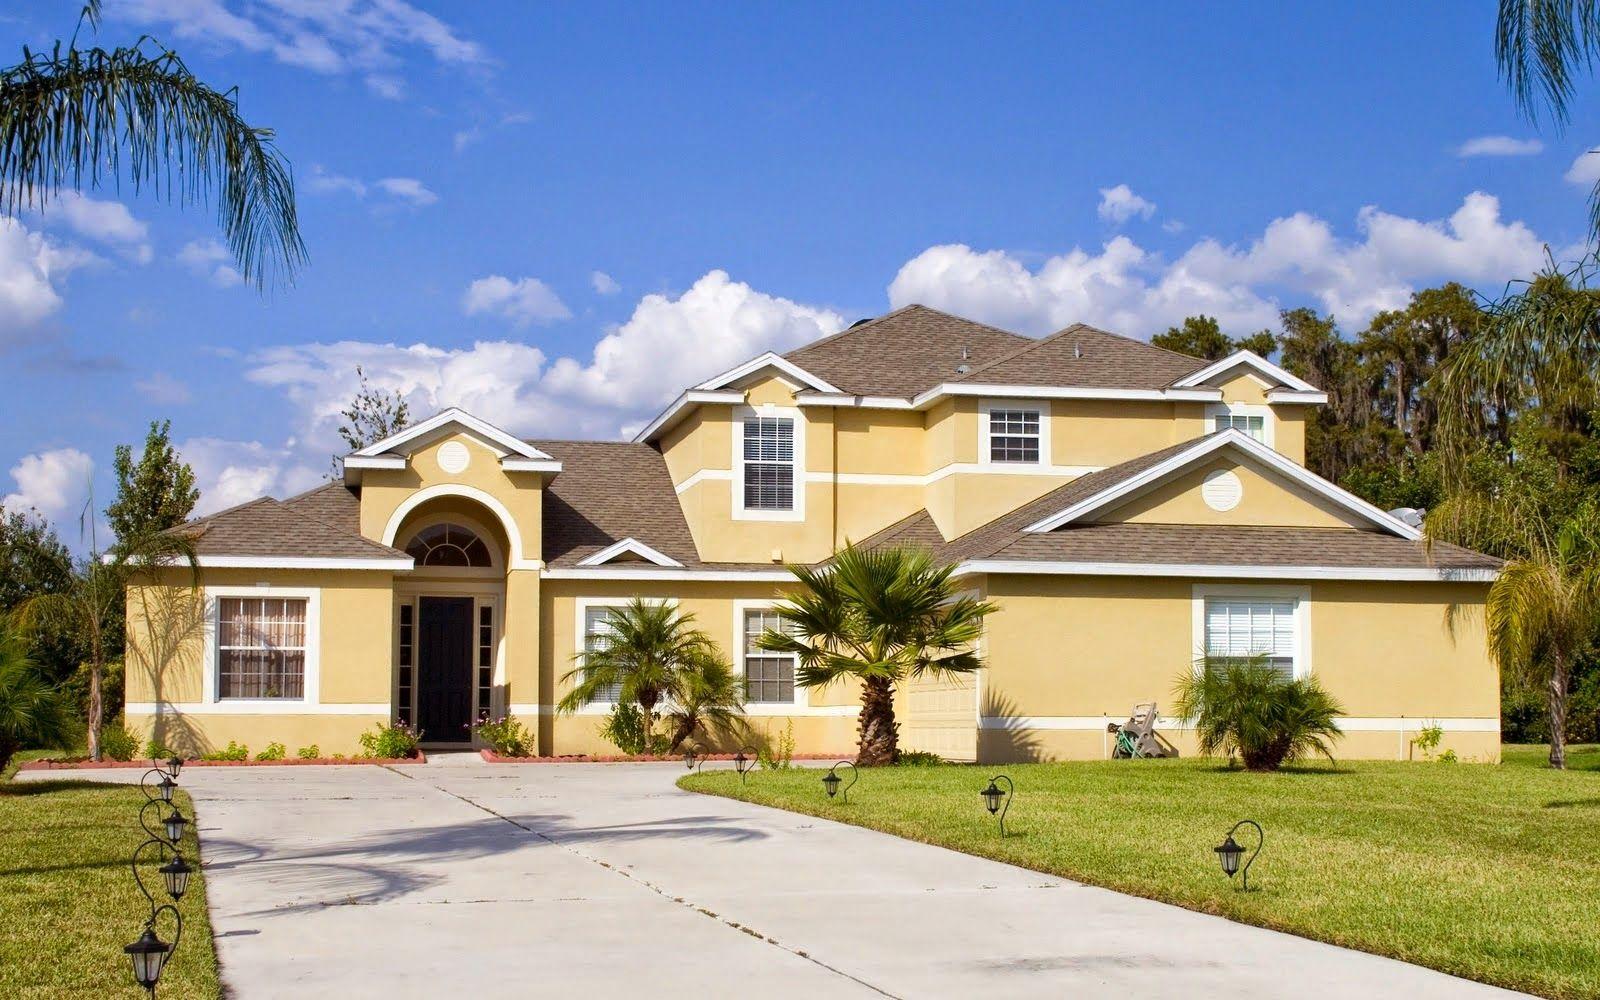 Pajak Penjualan Rumah: Ini 8 Biaya Transaksi Jual Beli Rumah